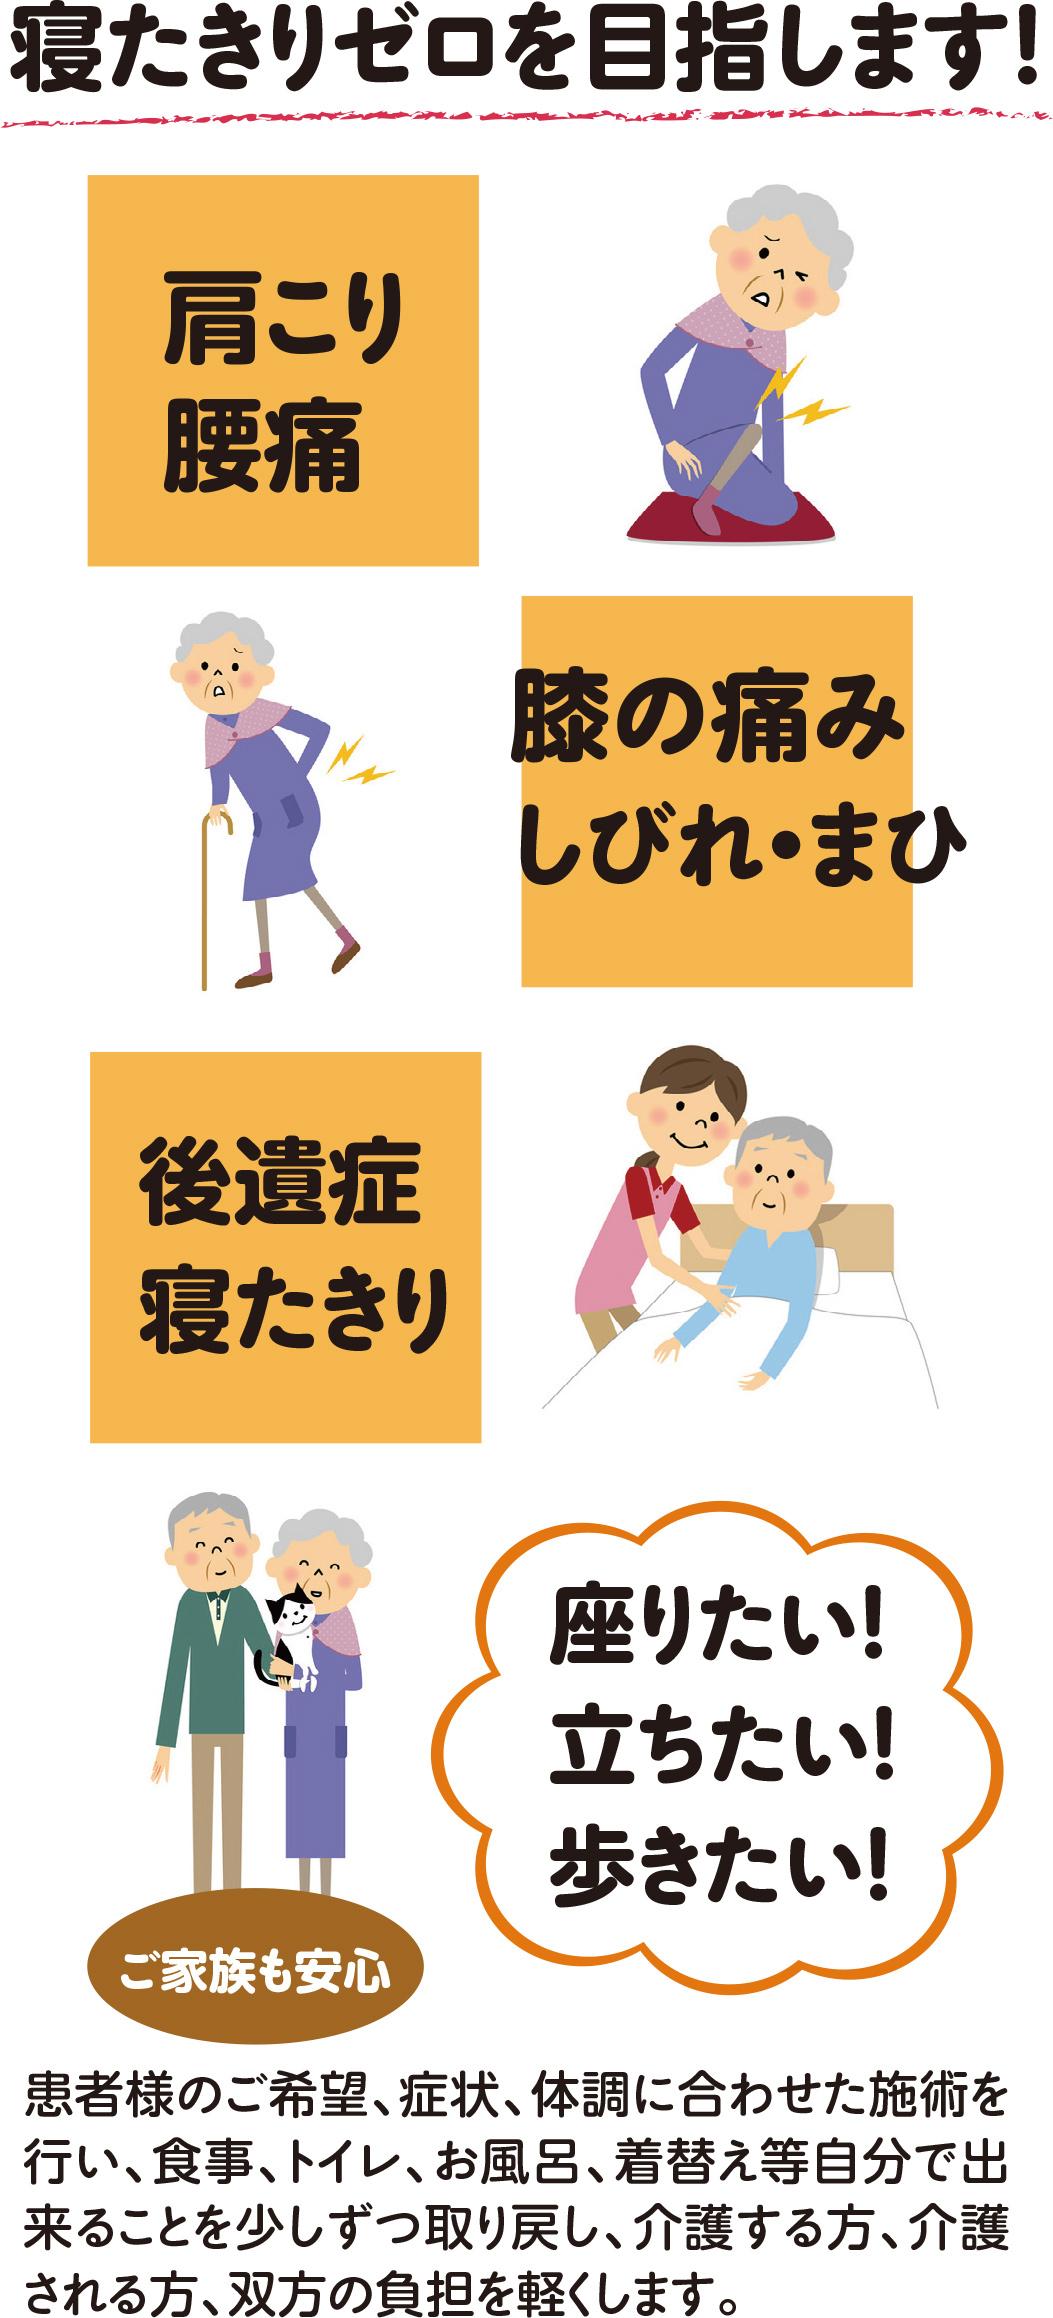 肩こりや腰痛、膝の痛みやしびれ・まひ、寝たきりの方は藤本整骨院の訪問鍼灸、訪問マッサージを受けてください